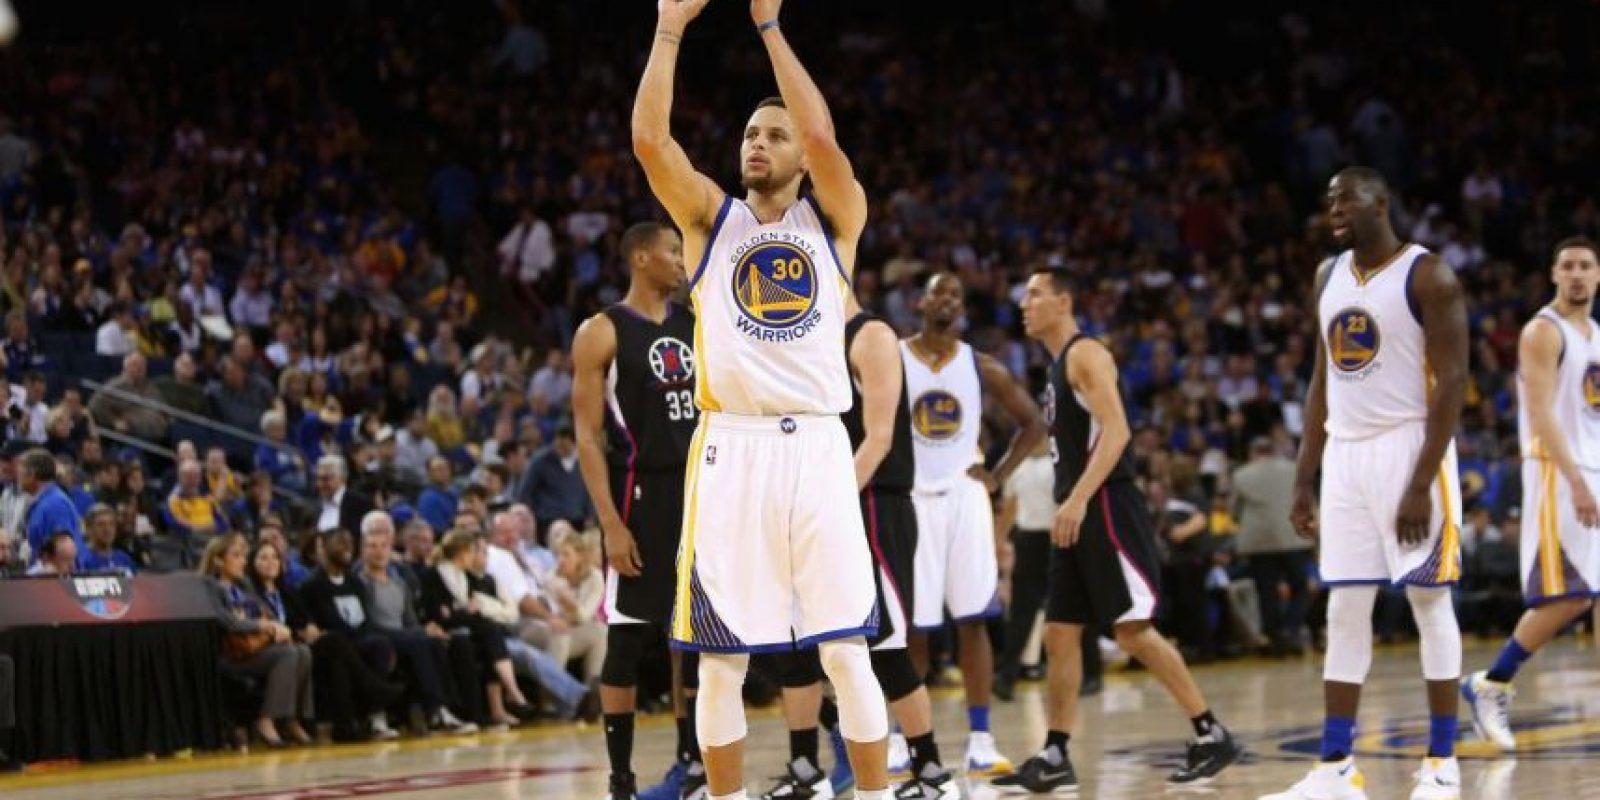 Los 400 triples de Curry. Stephen Curry realizó lo inimaginable, al lograr sobrepasar los 400 disparos de tres puntos en la campaña que finalizó el pasado miércoles en la NBA, convirtiéndose en el primer mortal que llega a dicha cifra en una temporada en el baloncesto estadounidense.Para logar esta marca, Curry, quien comenzó el partido con 392 triples, encestó 10 lances desde la línea de tres puntos ante los Grizzlies, en el último partido de la fase regular, totalizando 402 en la temporada. El actual Jugador Más Valioso de la NBA anotó seis triples en el primer cuarto del encuentro y llegó a 400 al acertar su octavo lance en el tercer cuarto del desafío.Ningún otro jugador ha alcanzado los 300 encestes de tres puntos en una temporada y más de quinientos equipos que han desfilado por la liga en su historia han logrado 400 aciertos de larga distancia en una contienda.Esta fue la tercera temporada en fila, en la que rompe su marca de lances encestando de larga distancia. En la pasada competición tuvo 286 aciertos. En su camino histórico, encestó por lo menos un lance de tres puntos en los 79 partidos que vio acción, estableciendo un nuevo récord de 152 jugos consecutivos con un enceste desde la línea de tres. Foto:Fuente externa